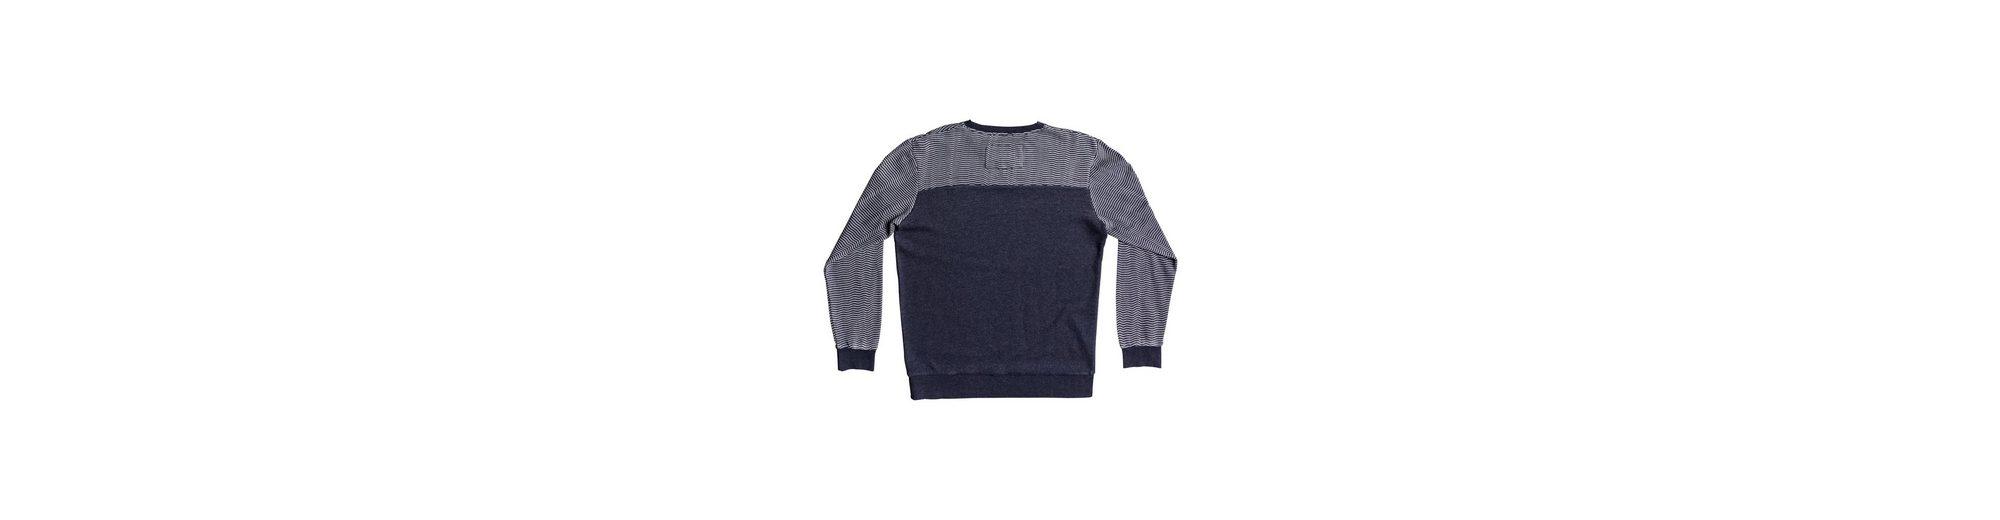 Footlocker Finish Zum Verkauf Günstig Kaufen Preis Quiksilver Sweatshirt Mahatao Rabatt Echte Freies Modernes Verschiffen Werksverkauf HyFSoRa3